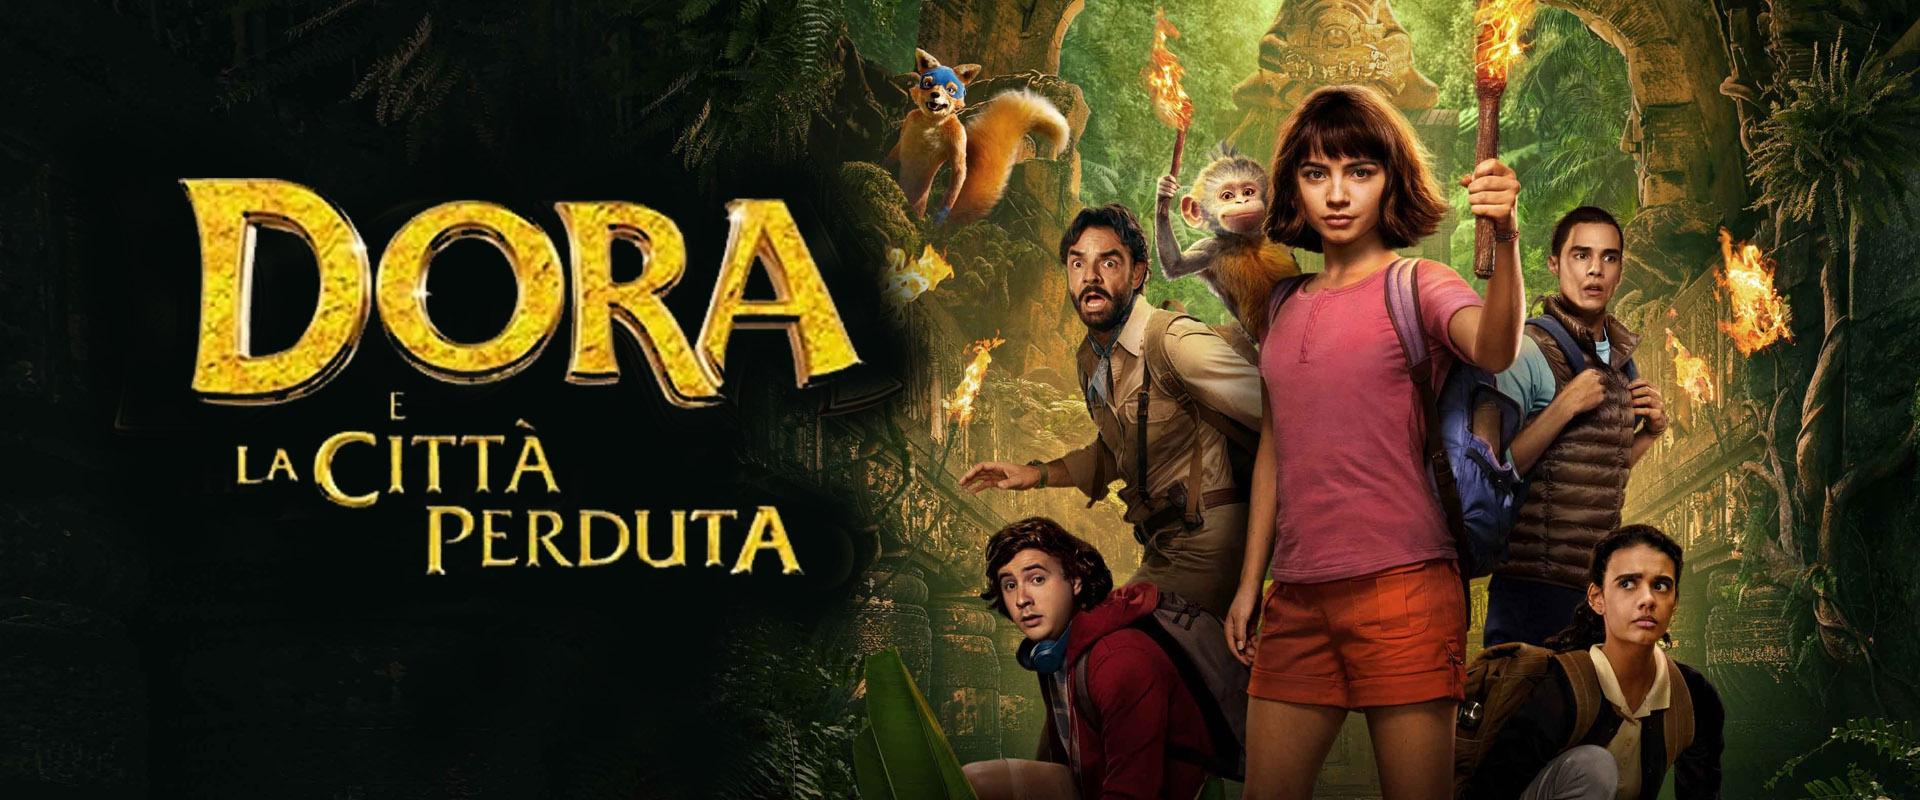 Oggi al cinema per bambini - Dora e la città perduta - Image